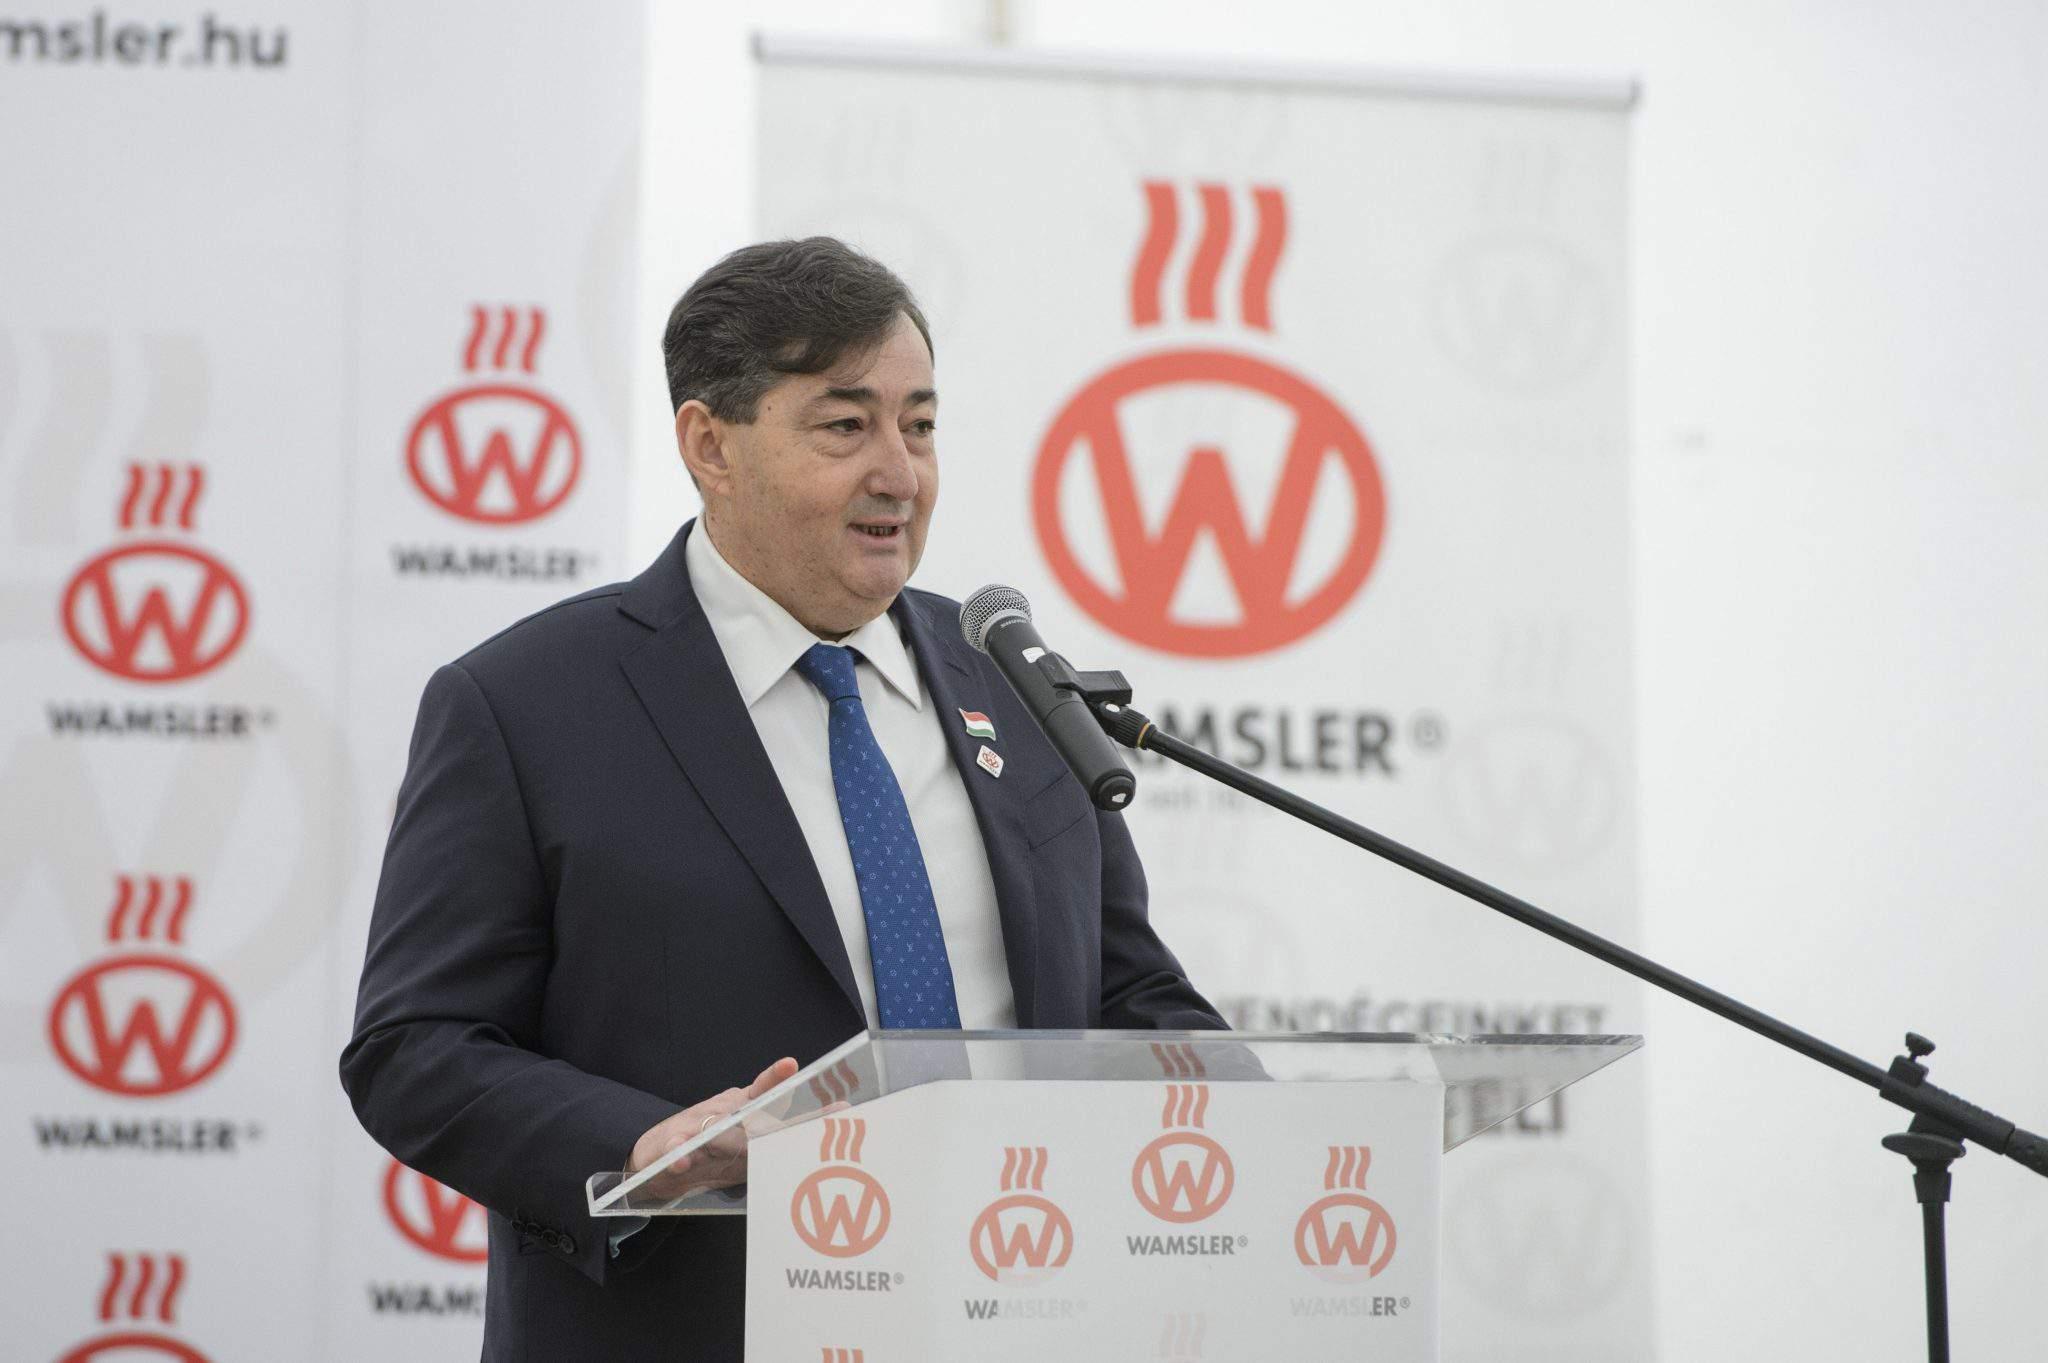 Lőrinc Mészáros entrepreneur rich